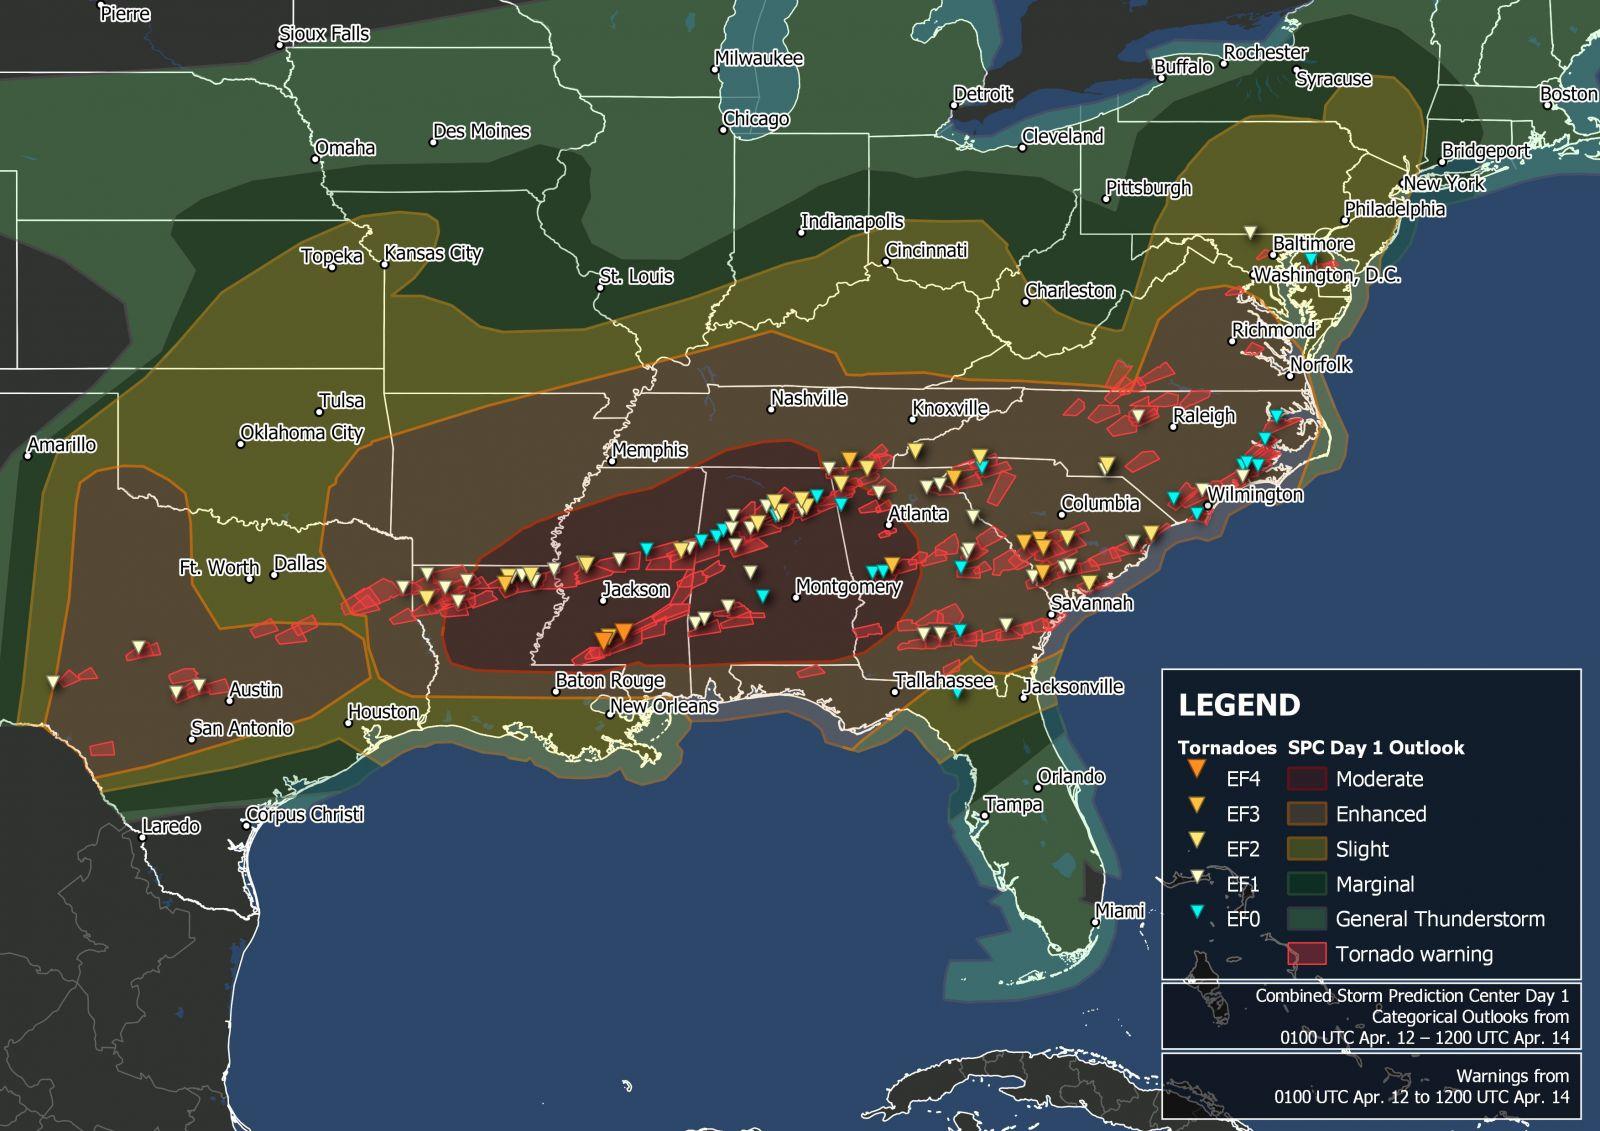 Image d'illustration pour Tornades aux Etats-Unis : Pâques meurtrier dans la Dixie Alley